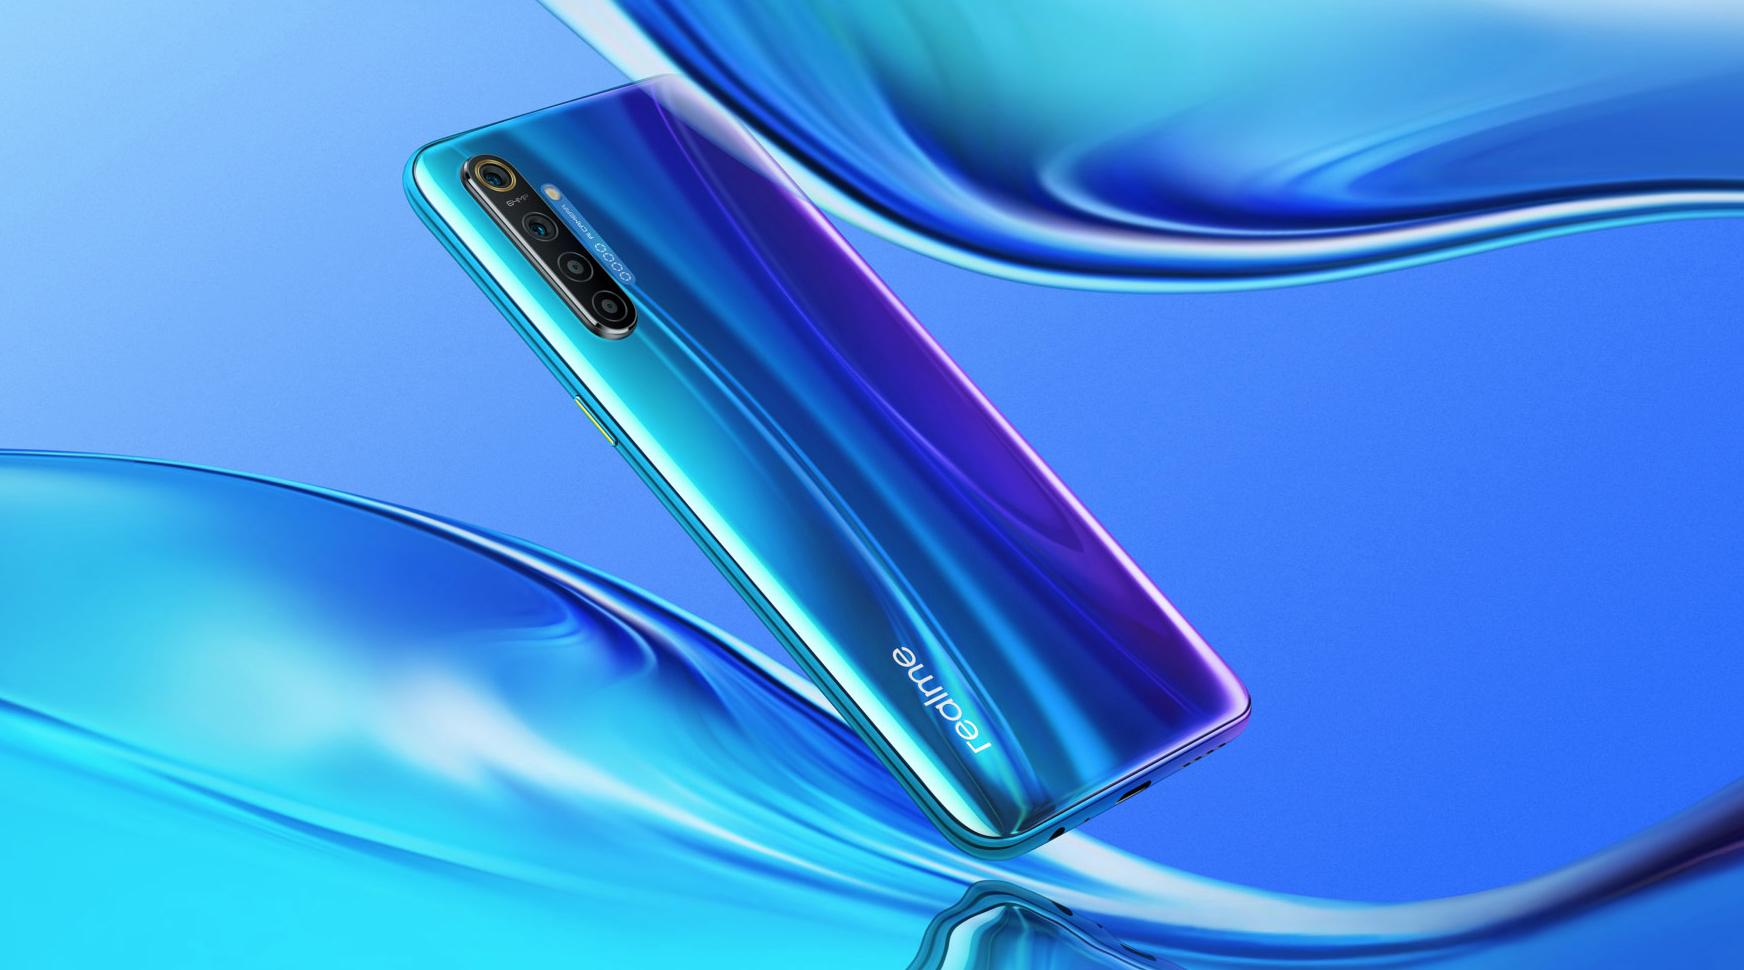 Realme X2 beste smartphones koopwijzer